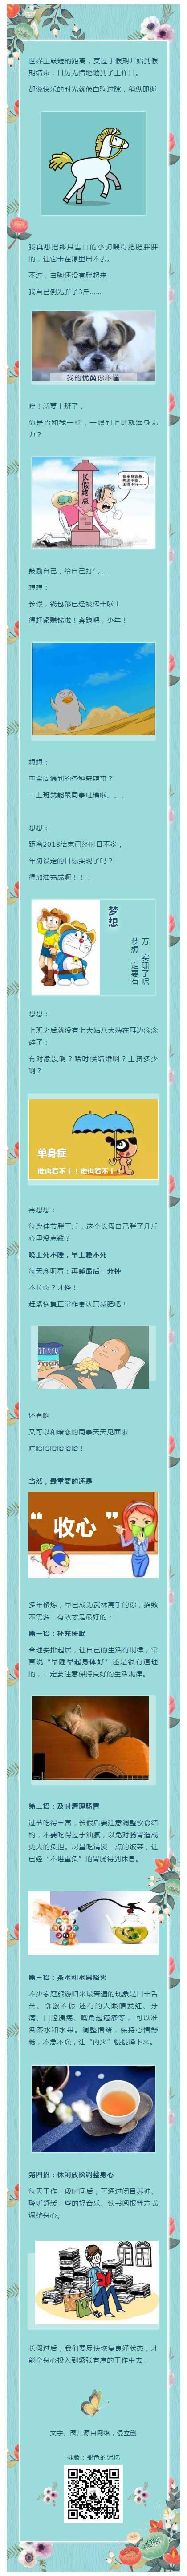 假期青蓝色文章背景模板微信推文图文消息素材